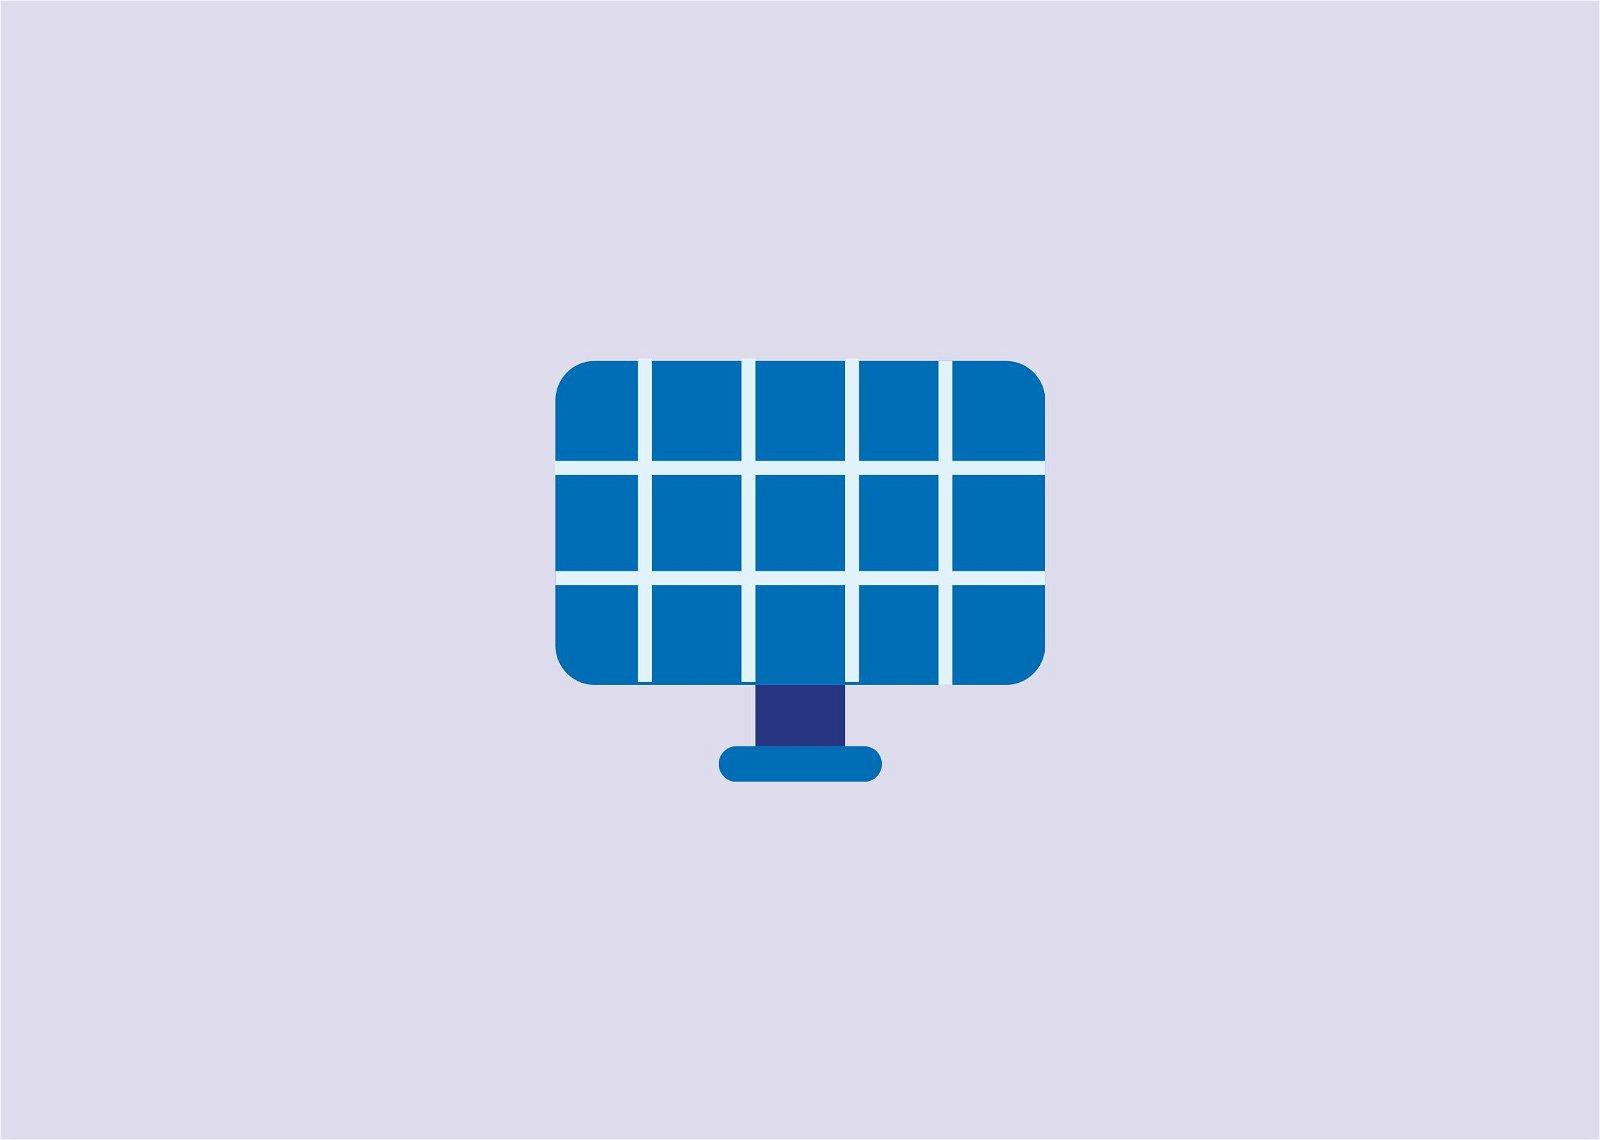 De installatie van bijna 70.000 zonnepanelen zorgt in totaal voor een jaarlijkse besparing van ongeveer 12.000 ton CO2